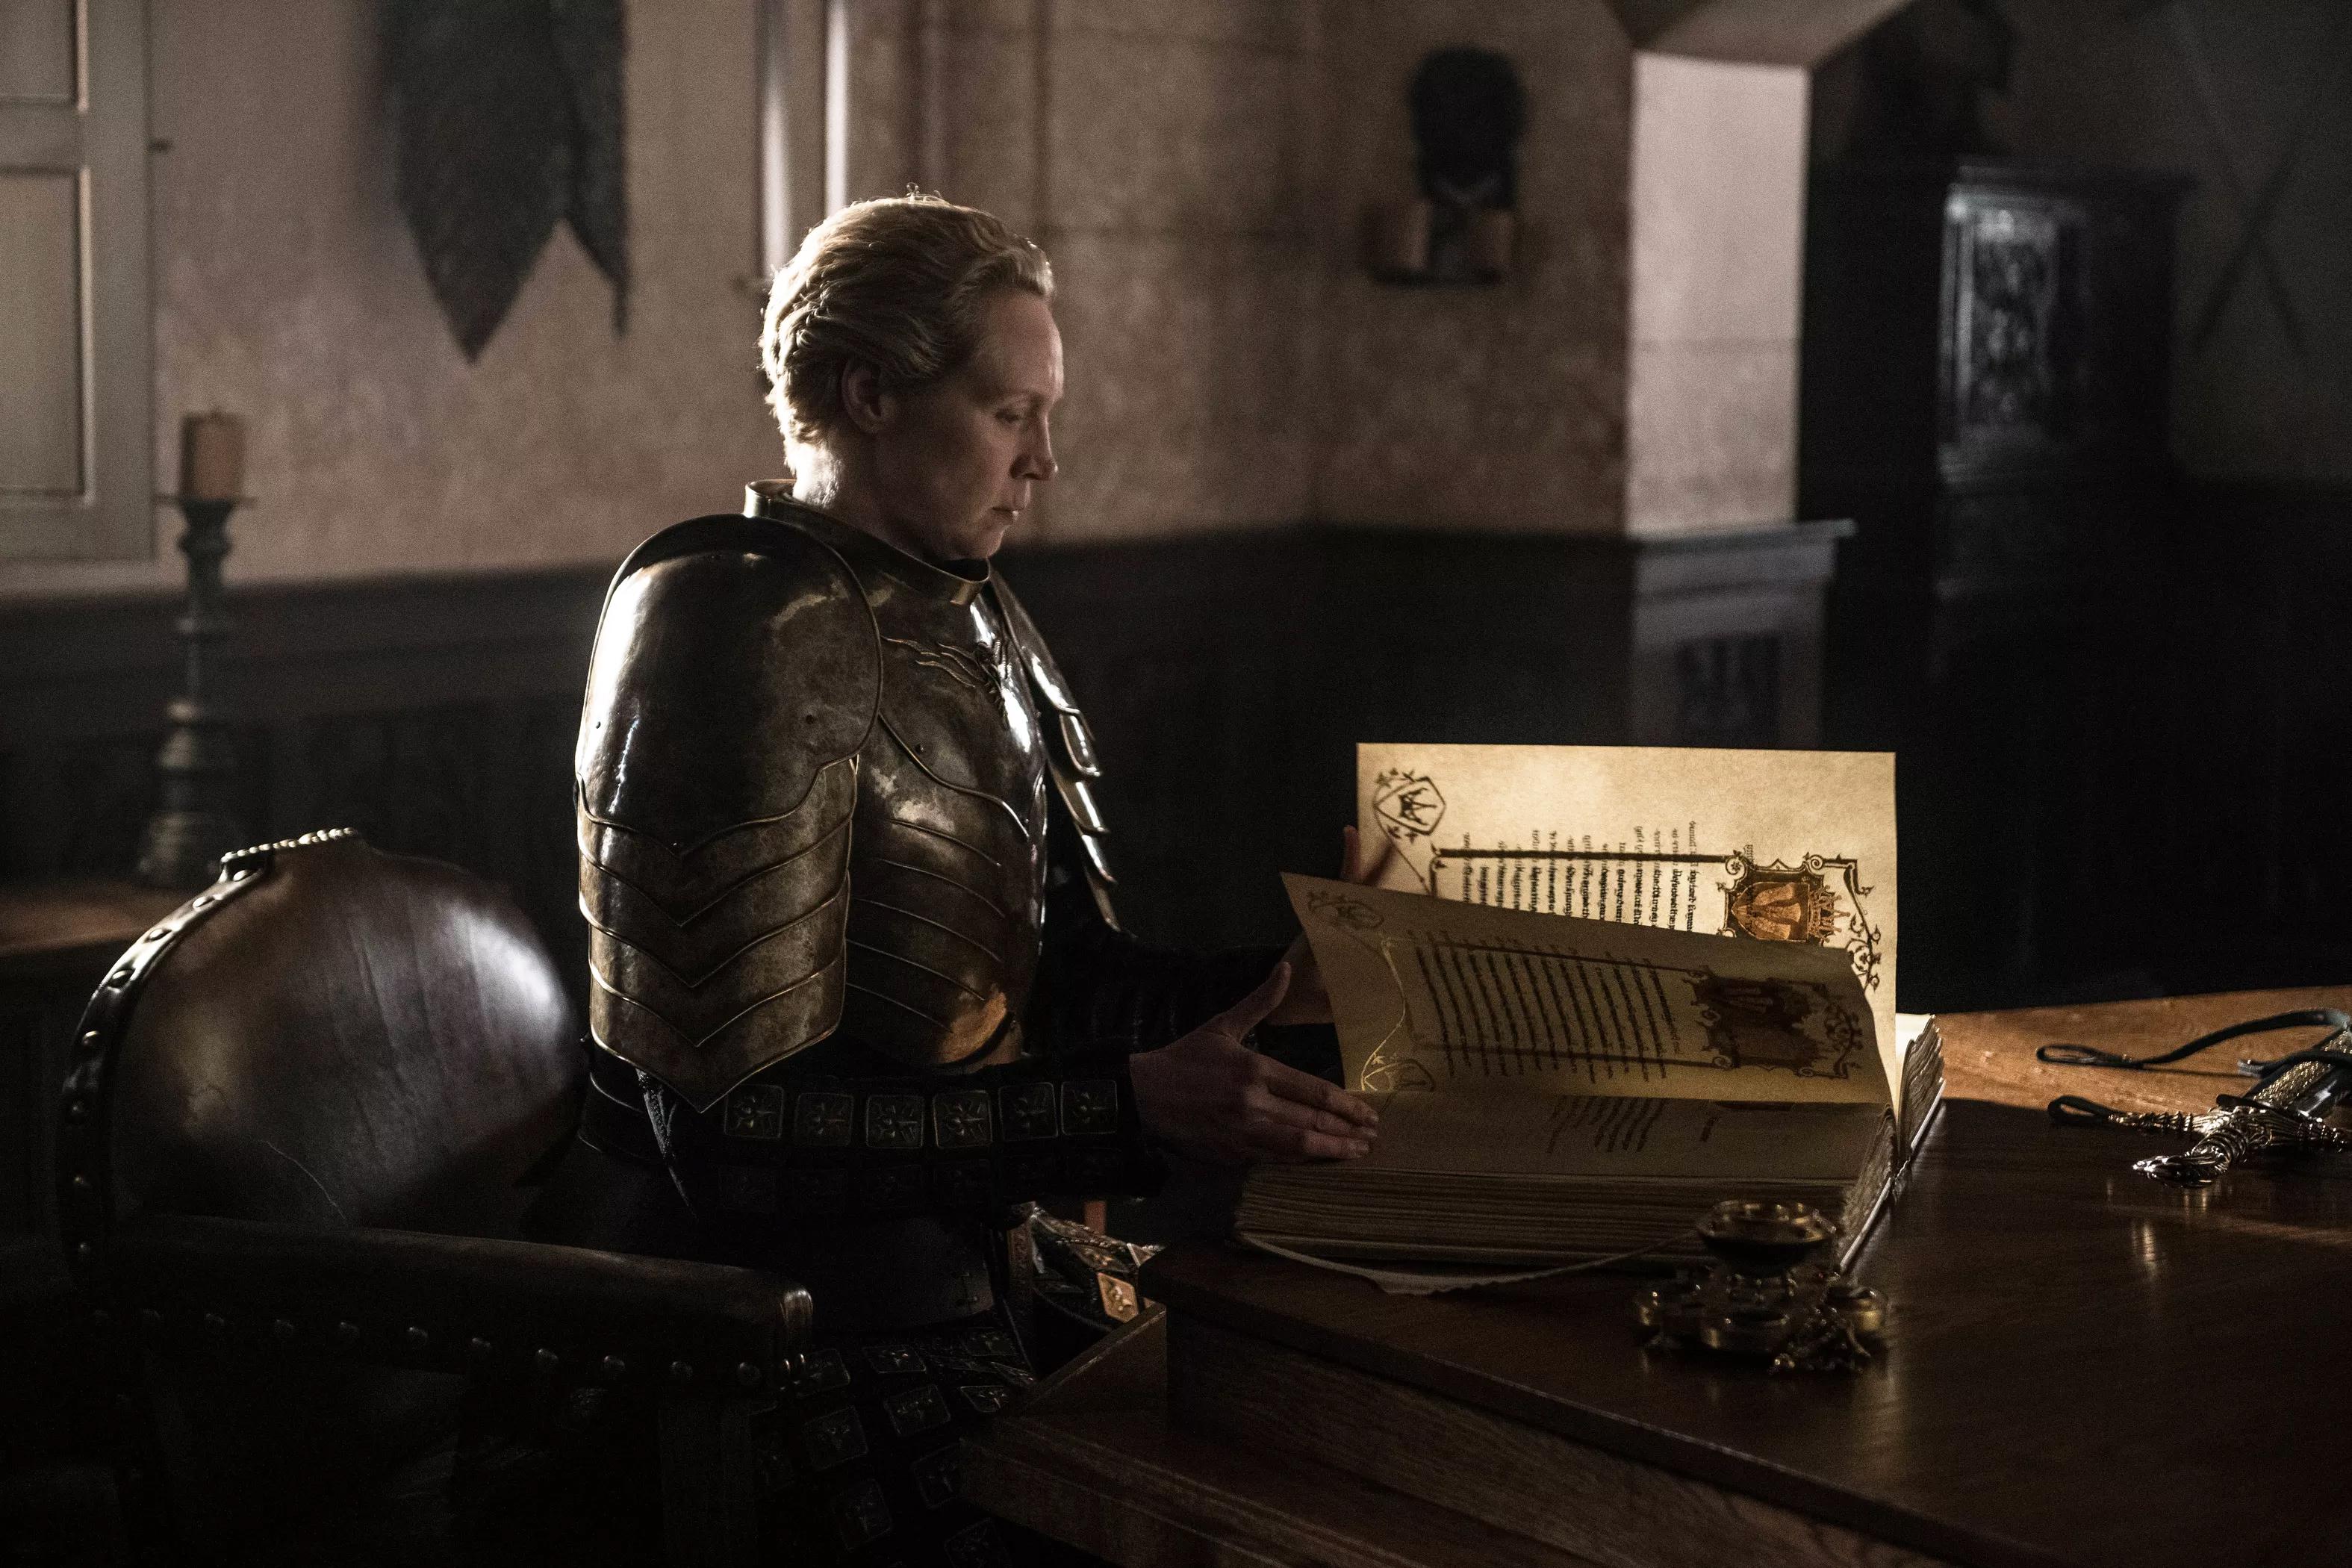 8x06 - The Iron trono - Brienne